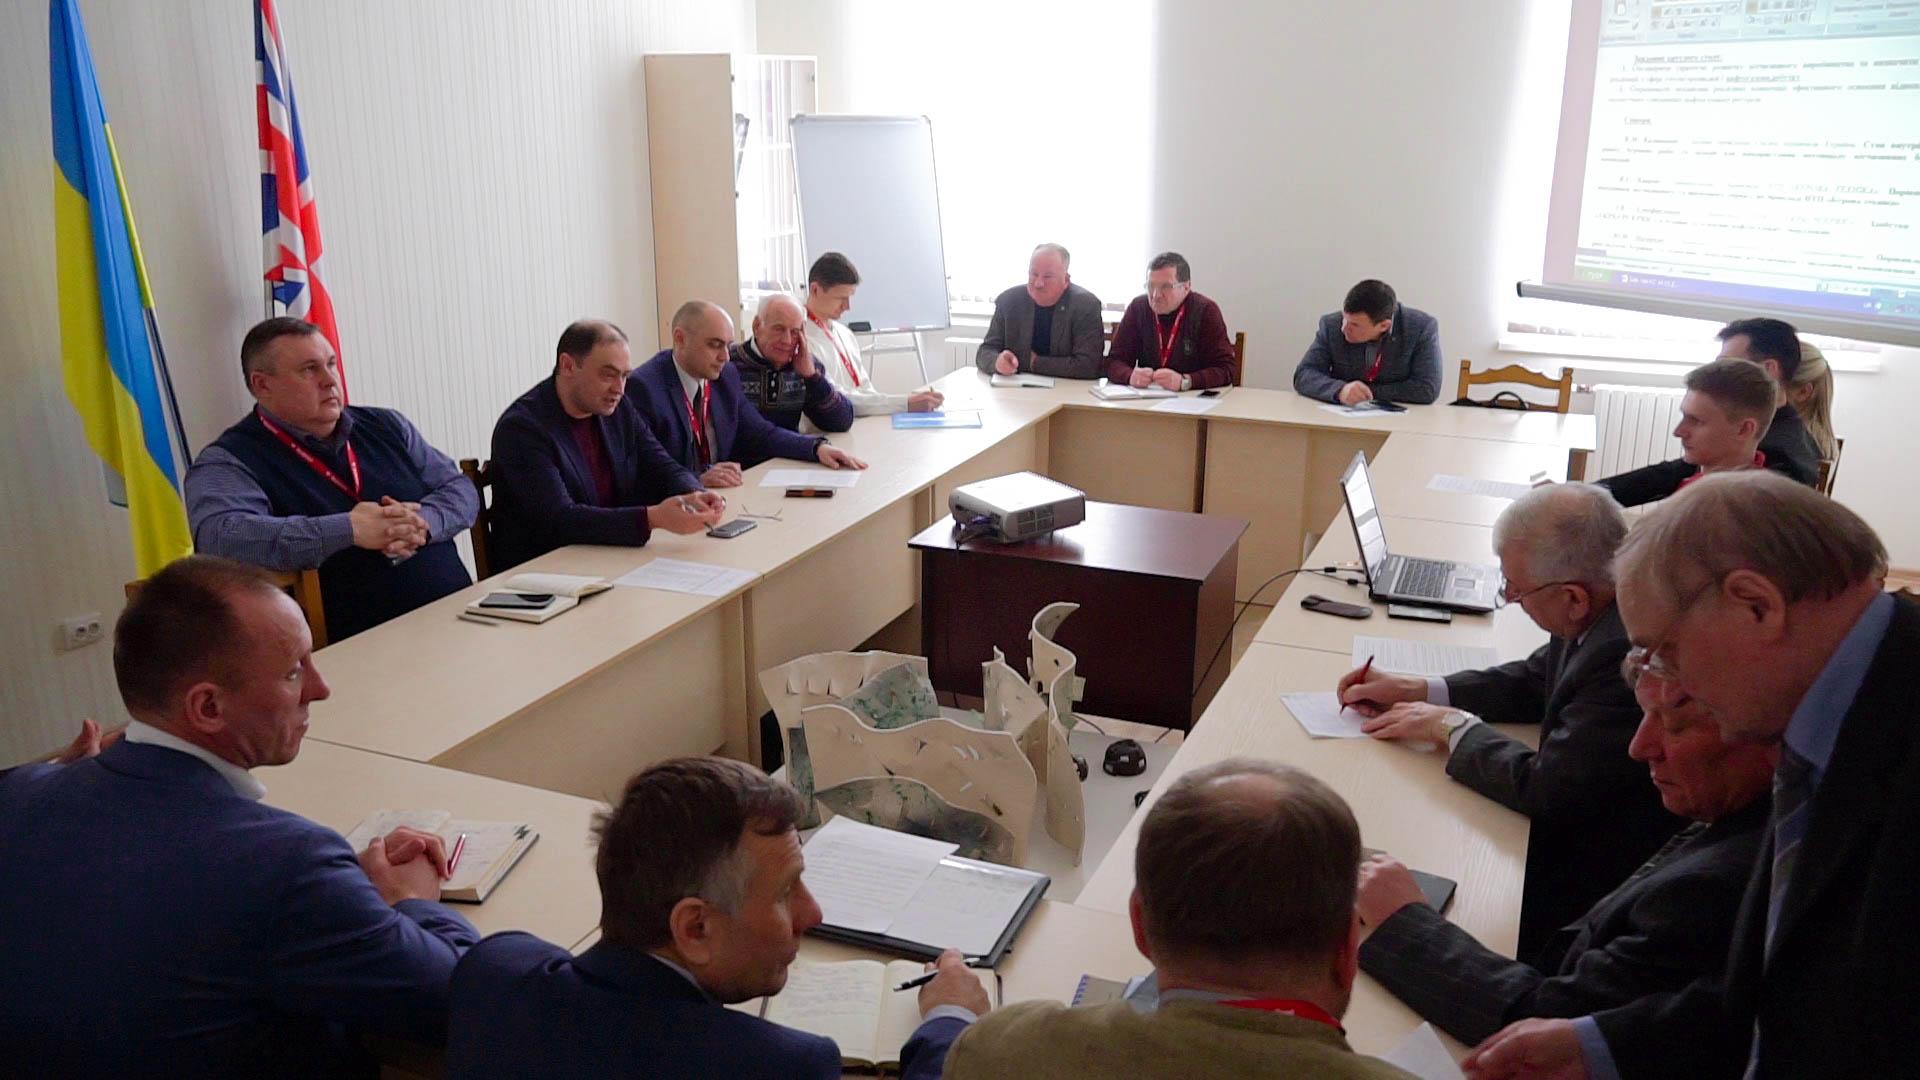 Круглий стіл другого дня конференції.jpg